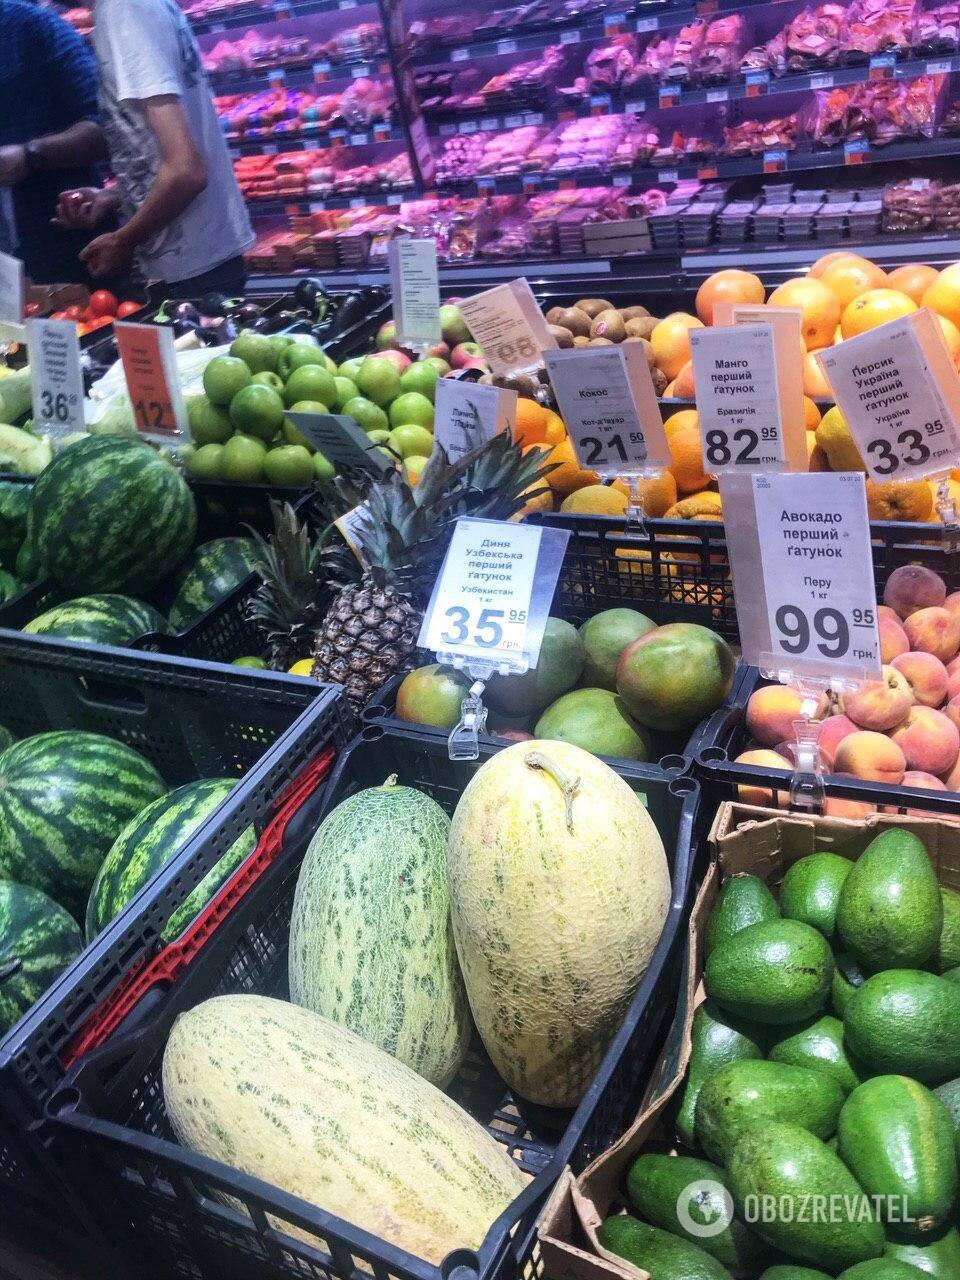 Купувати продукти краще в магазинах або на ринках